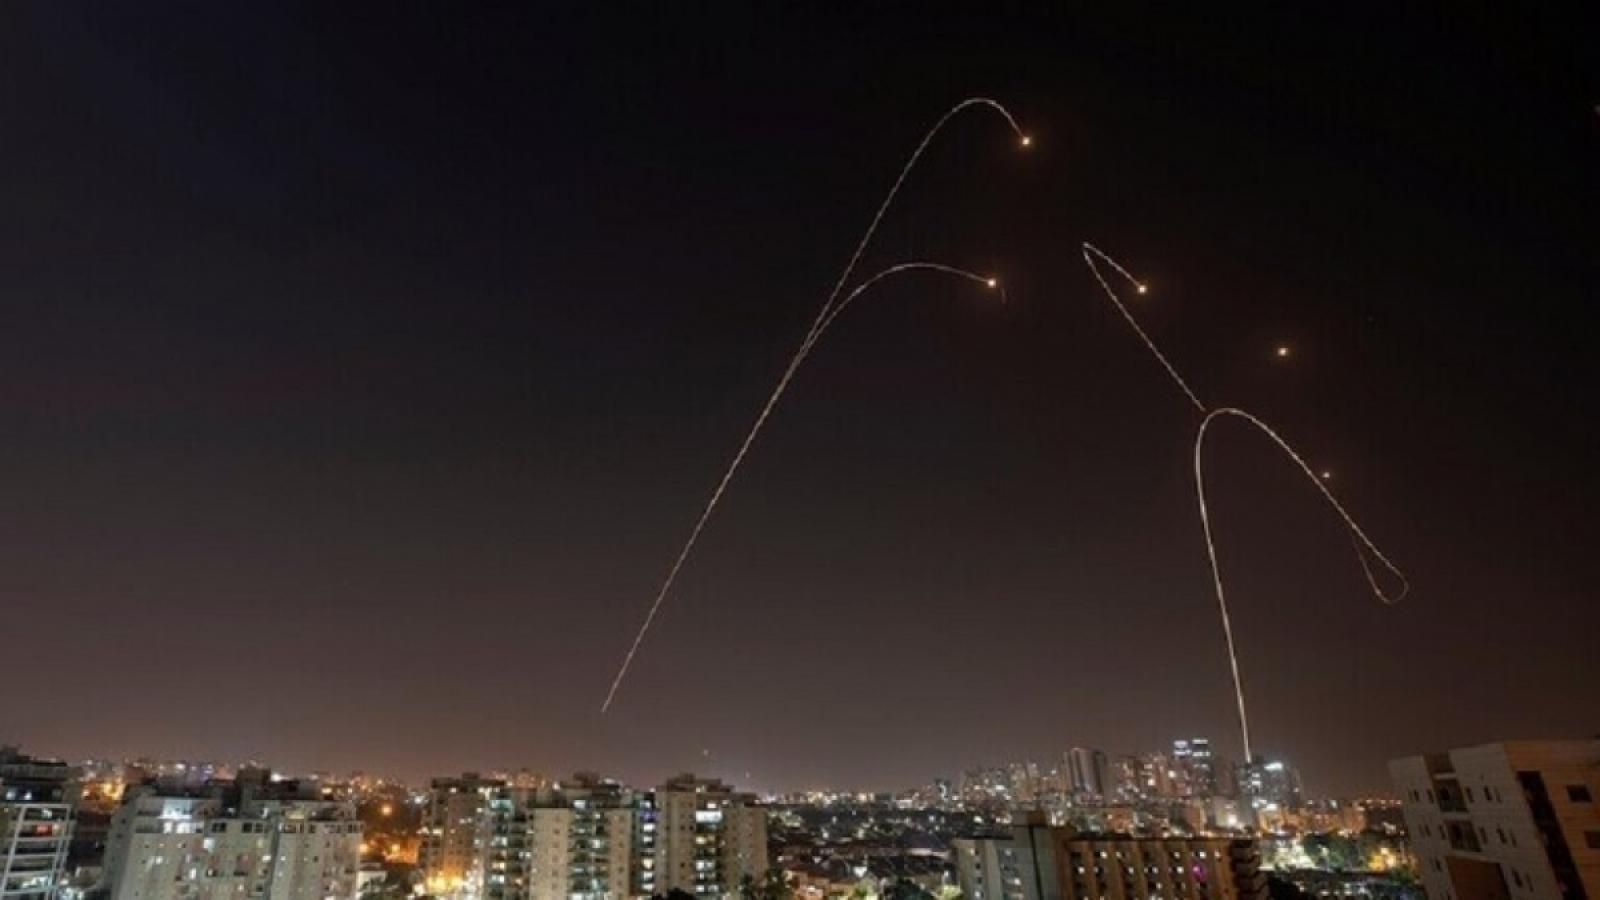 Căng thẳng Israel-Palestines: Gaza tấn công rocket, biểu tình bạo lực ở Jerusalem